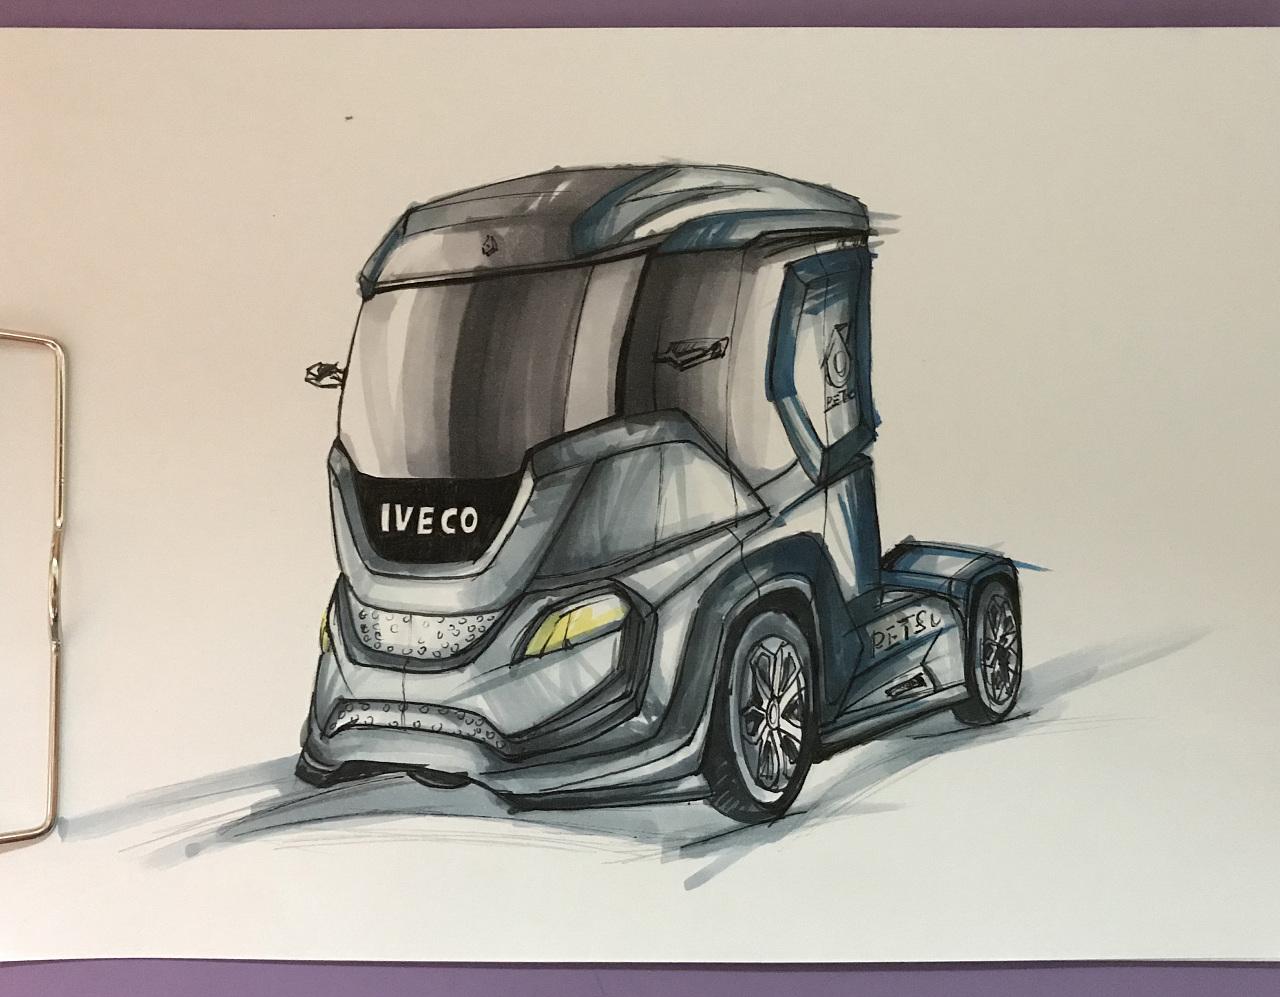 马克笔手绘|工业/产品|交通工具|目光所致 - 原创作品